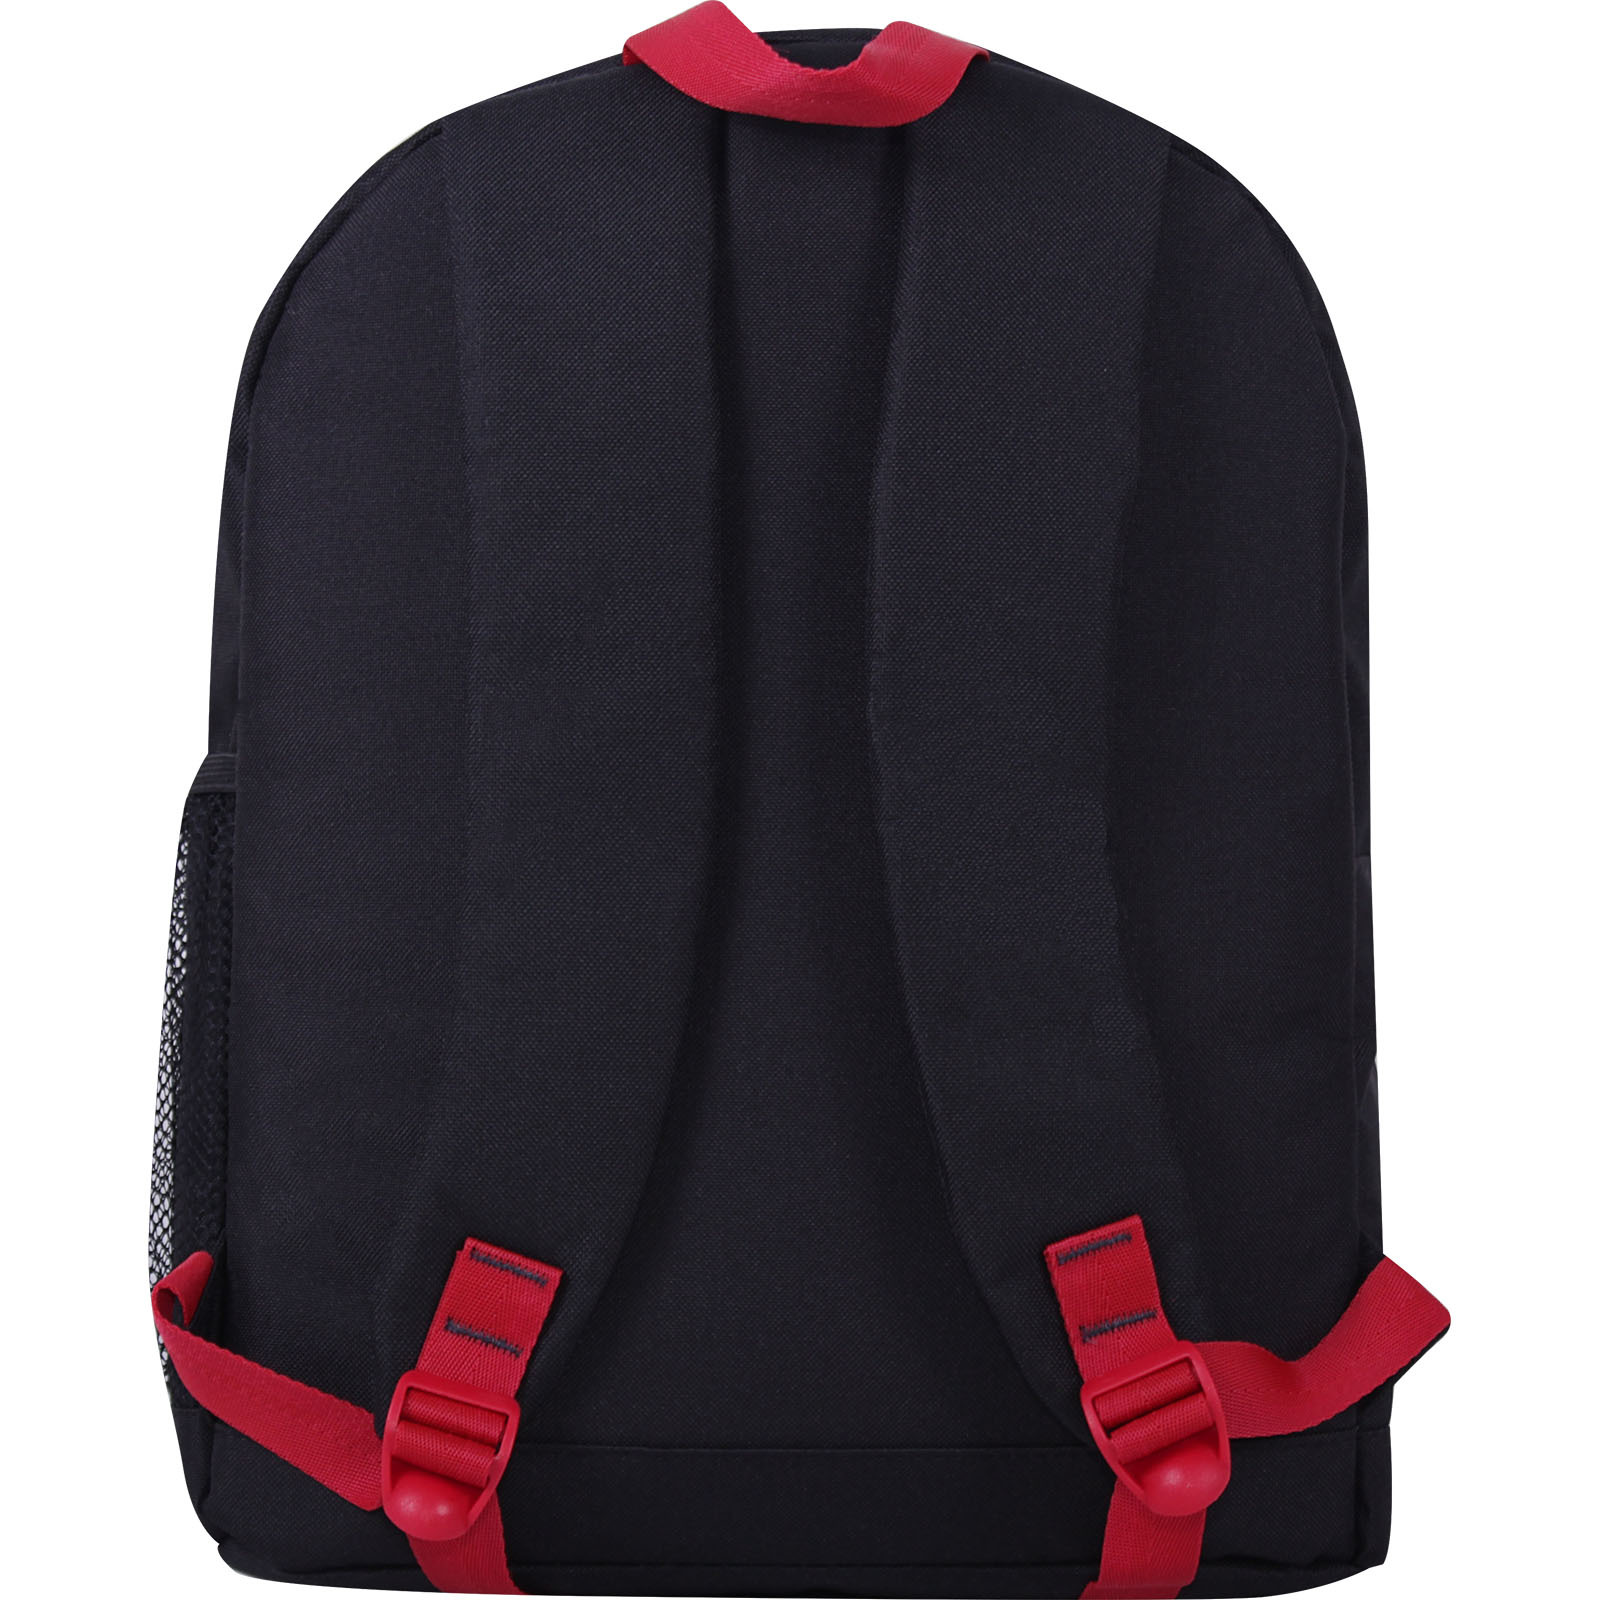 Рюкзак Bagland Молодежный W/R 17 л. Чёрный 768 (00533662) фото 4